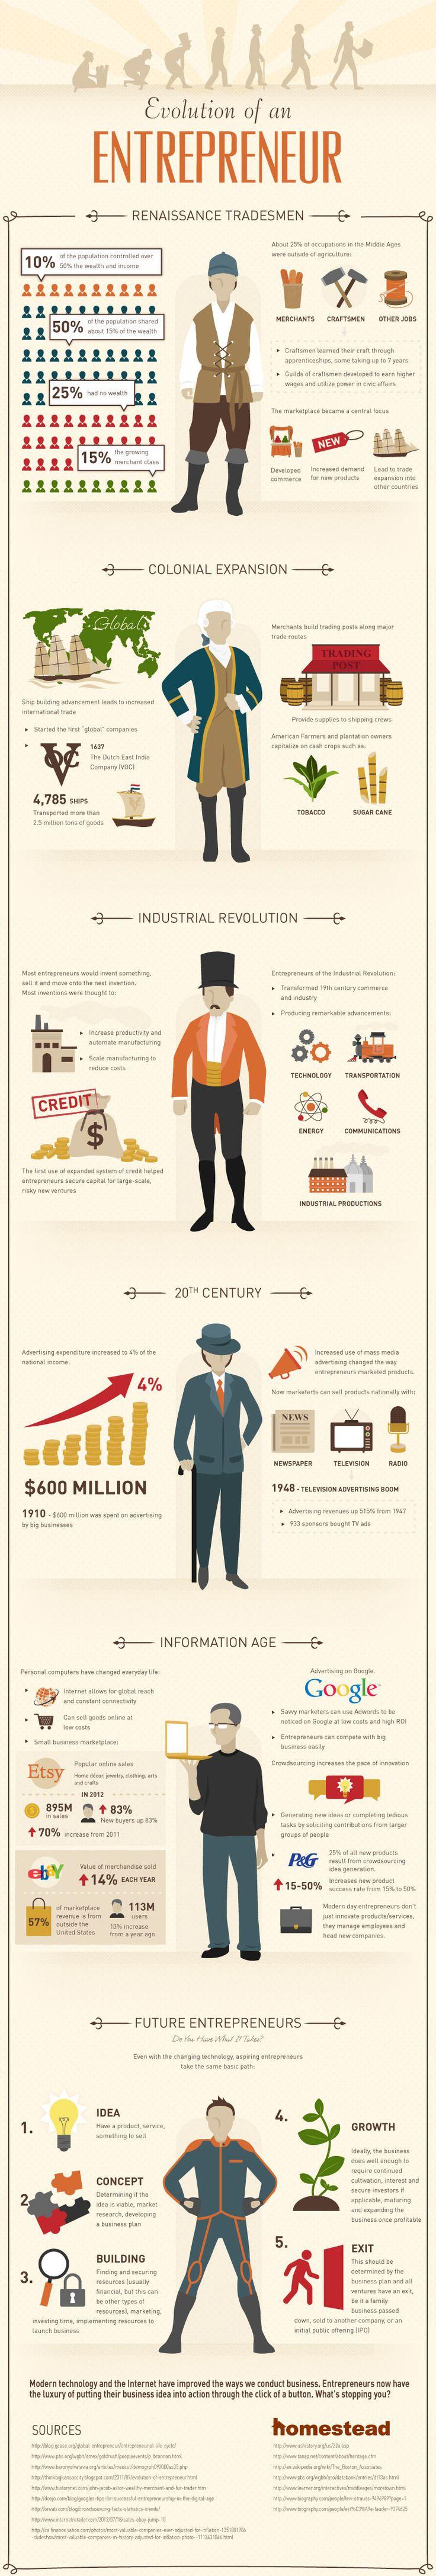 Latest Infographic on Entrepreneur's Evolution